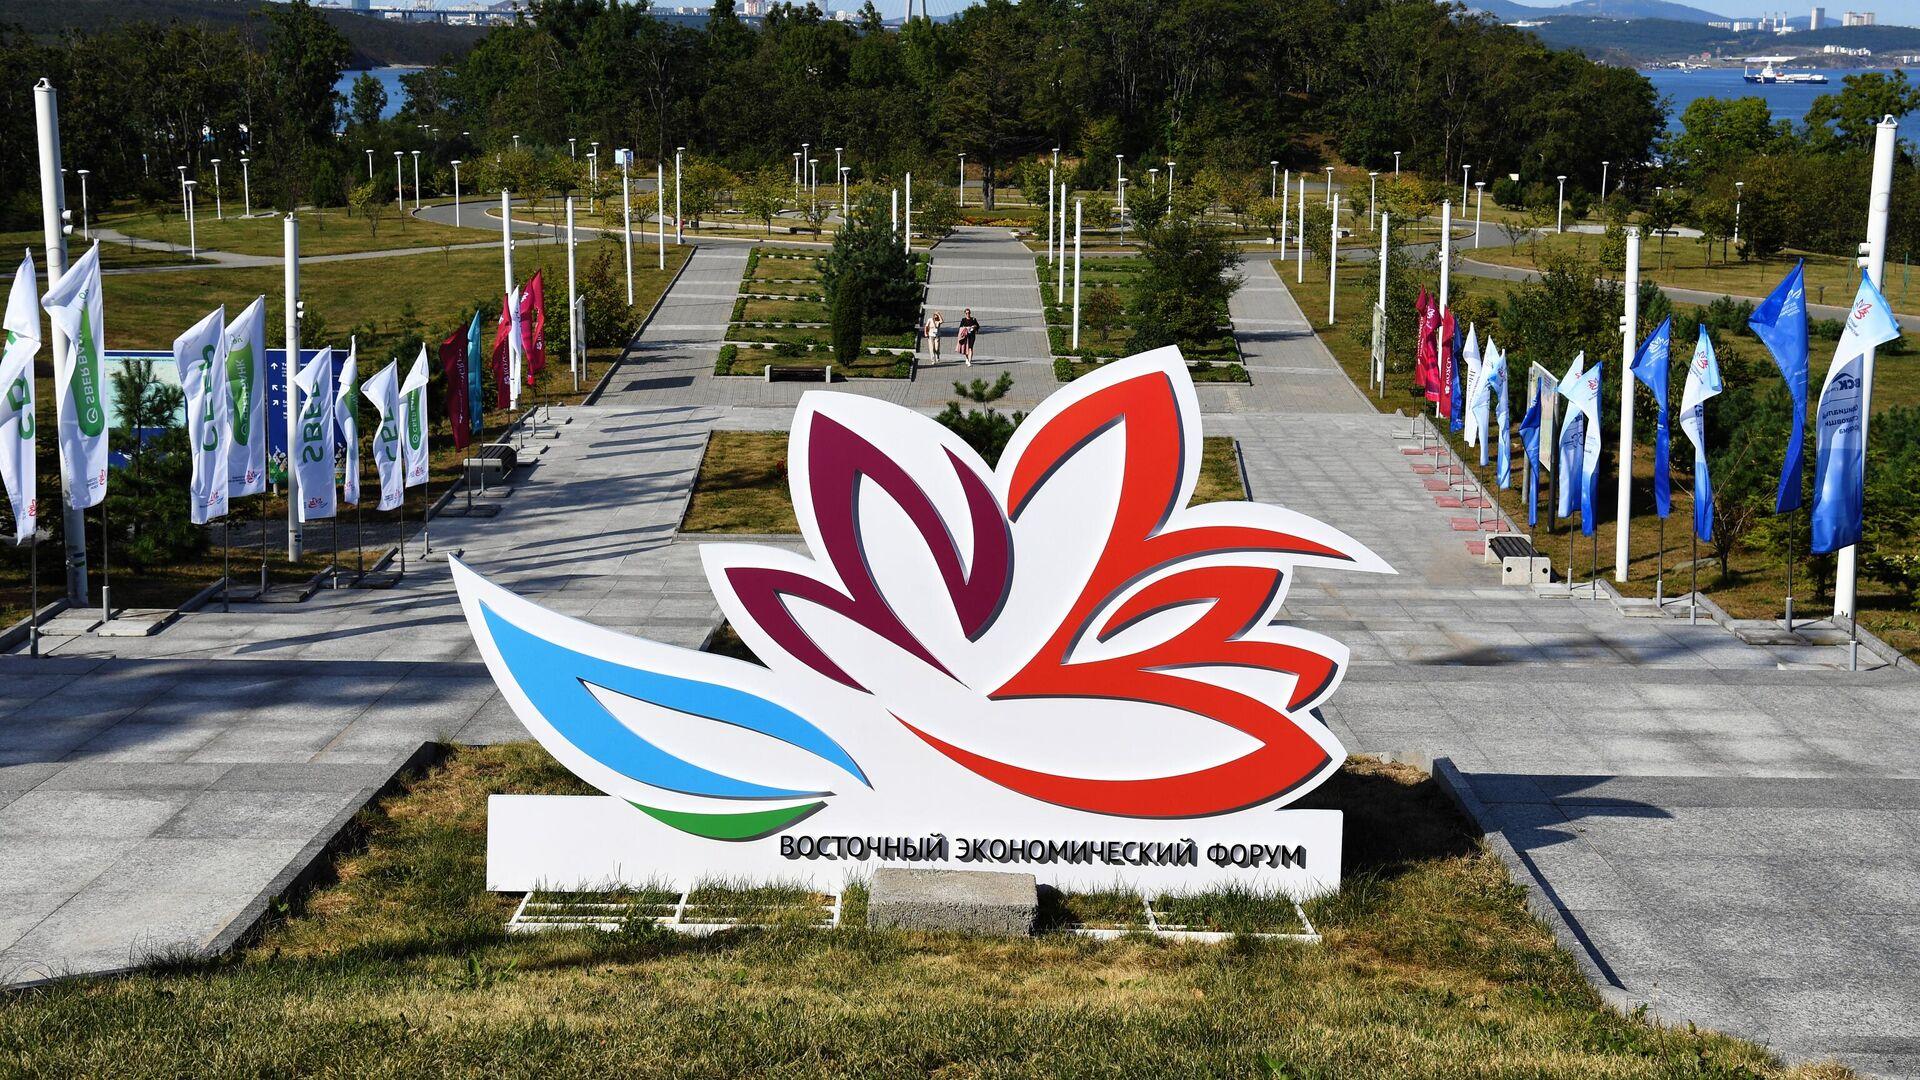 Во Владивостоке сегодня стартовал Восточный экономический форум